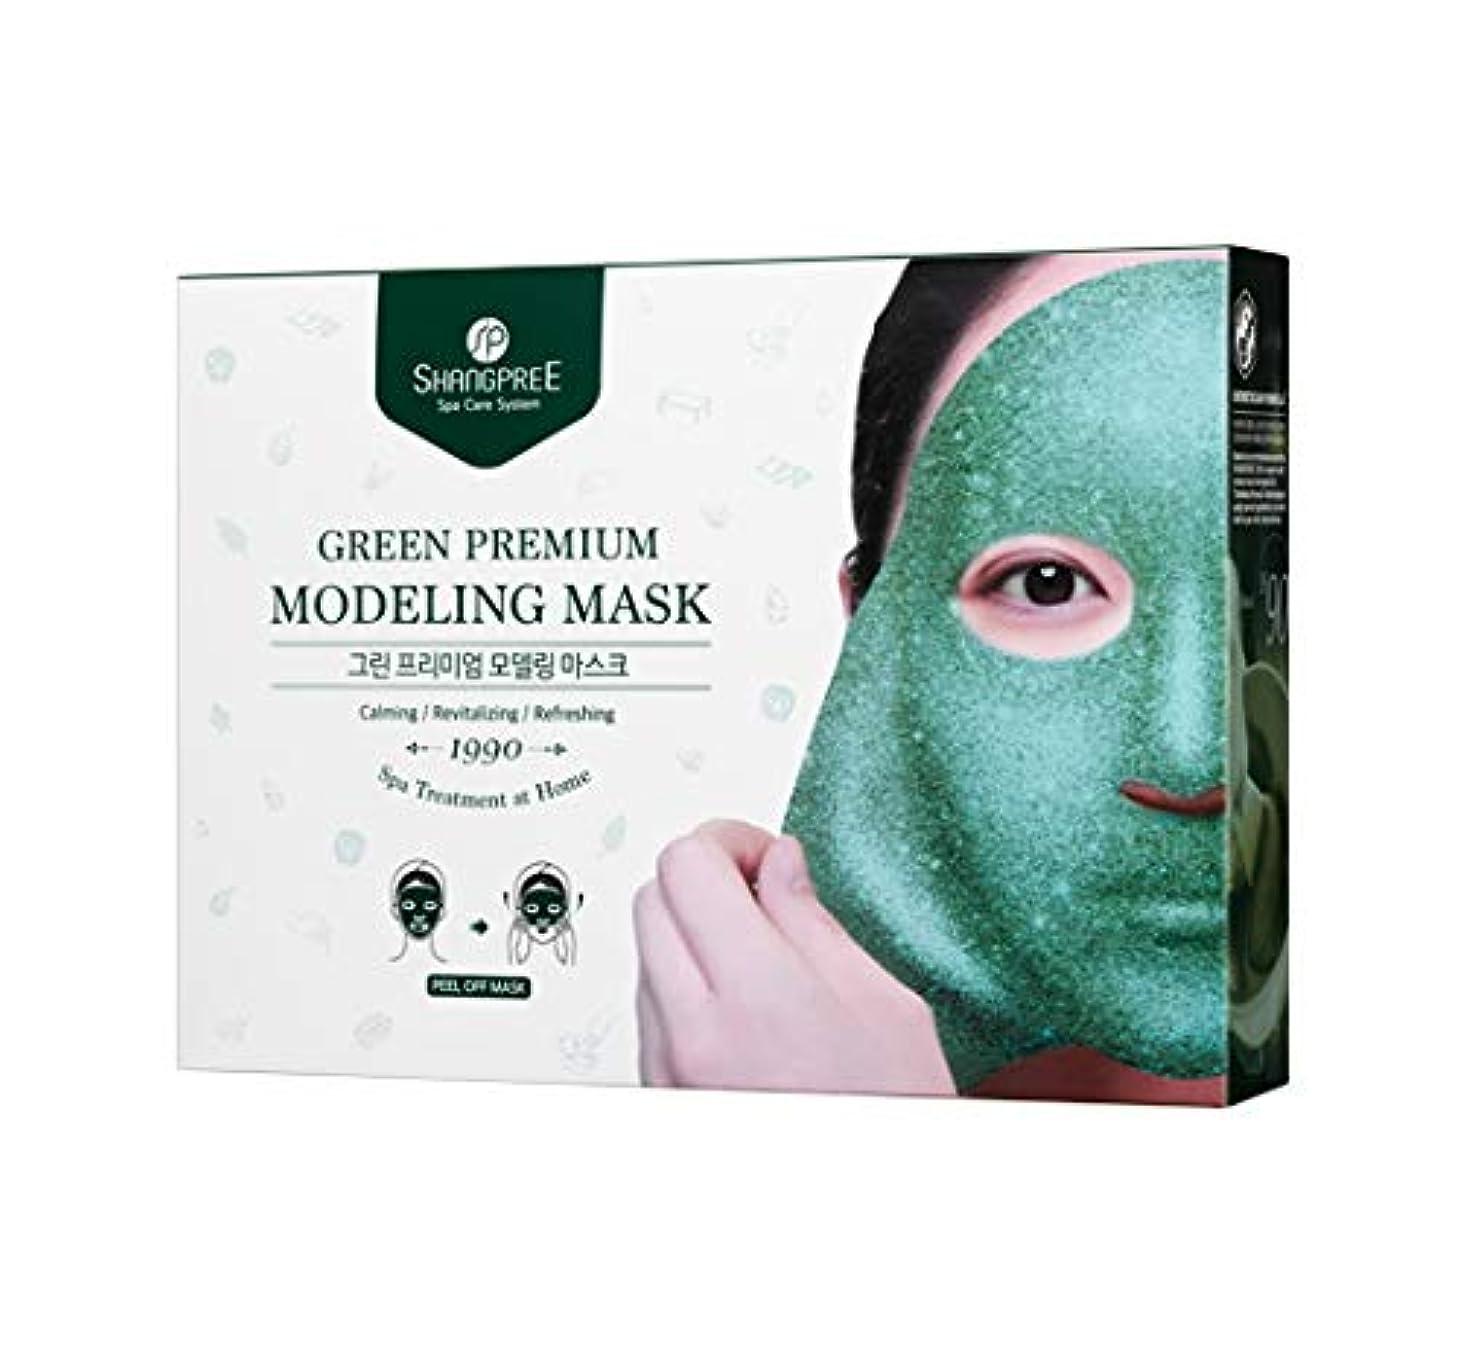 穿孔するズームインする穿孔するShangpree グリーンプレミアムモデリングマスク 5枚 Green premium modeling mask 5ea (並行輸入品)